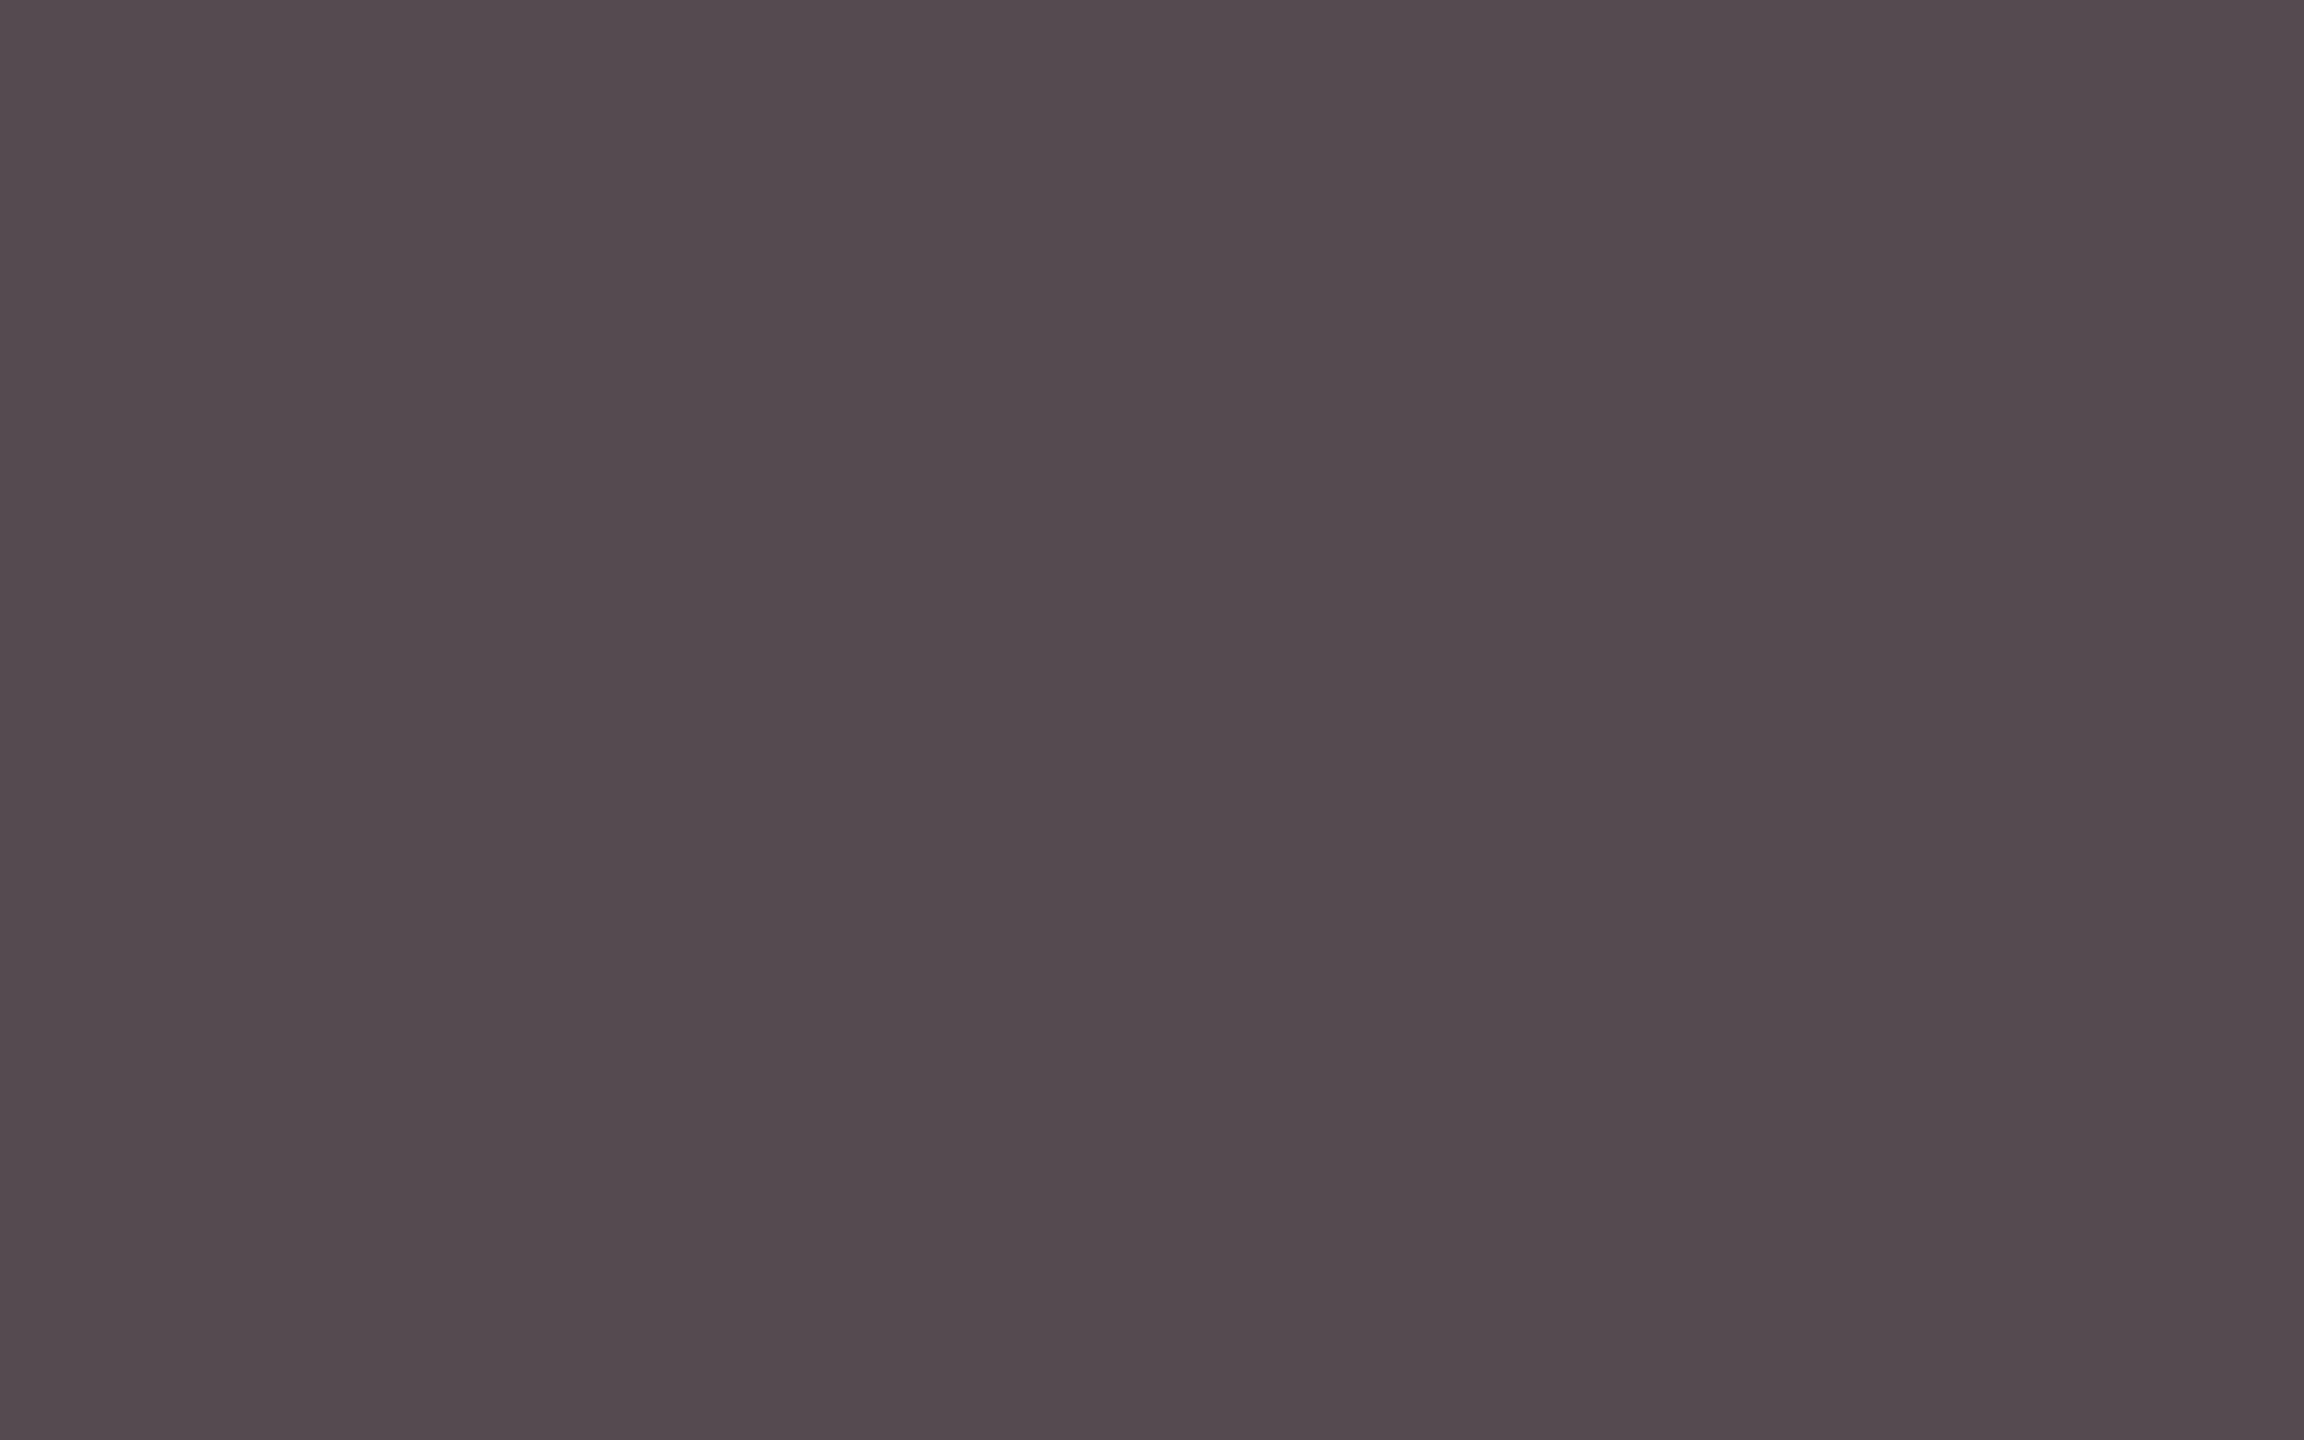 2304x1440 Dark Liver Solid Color Background